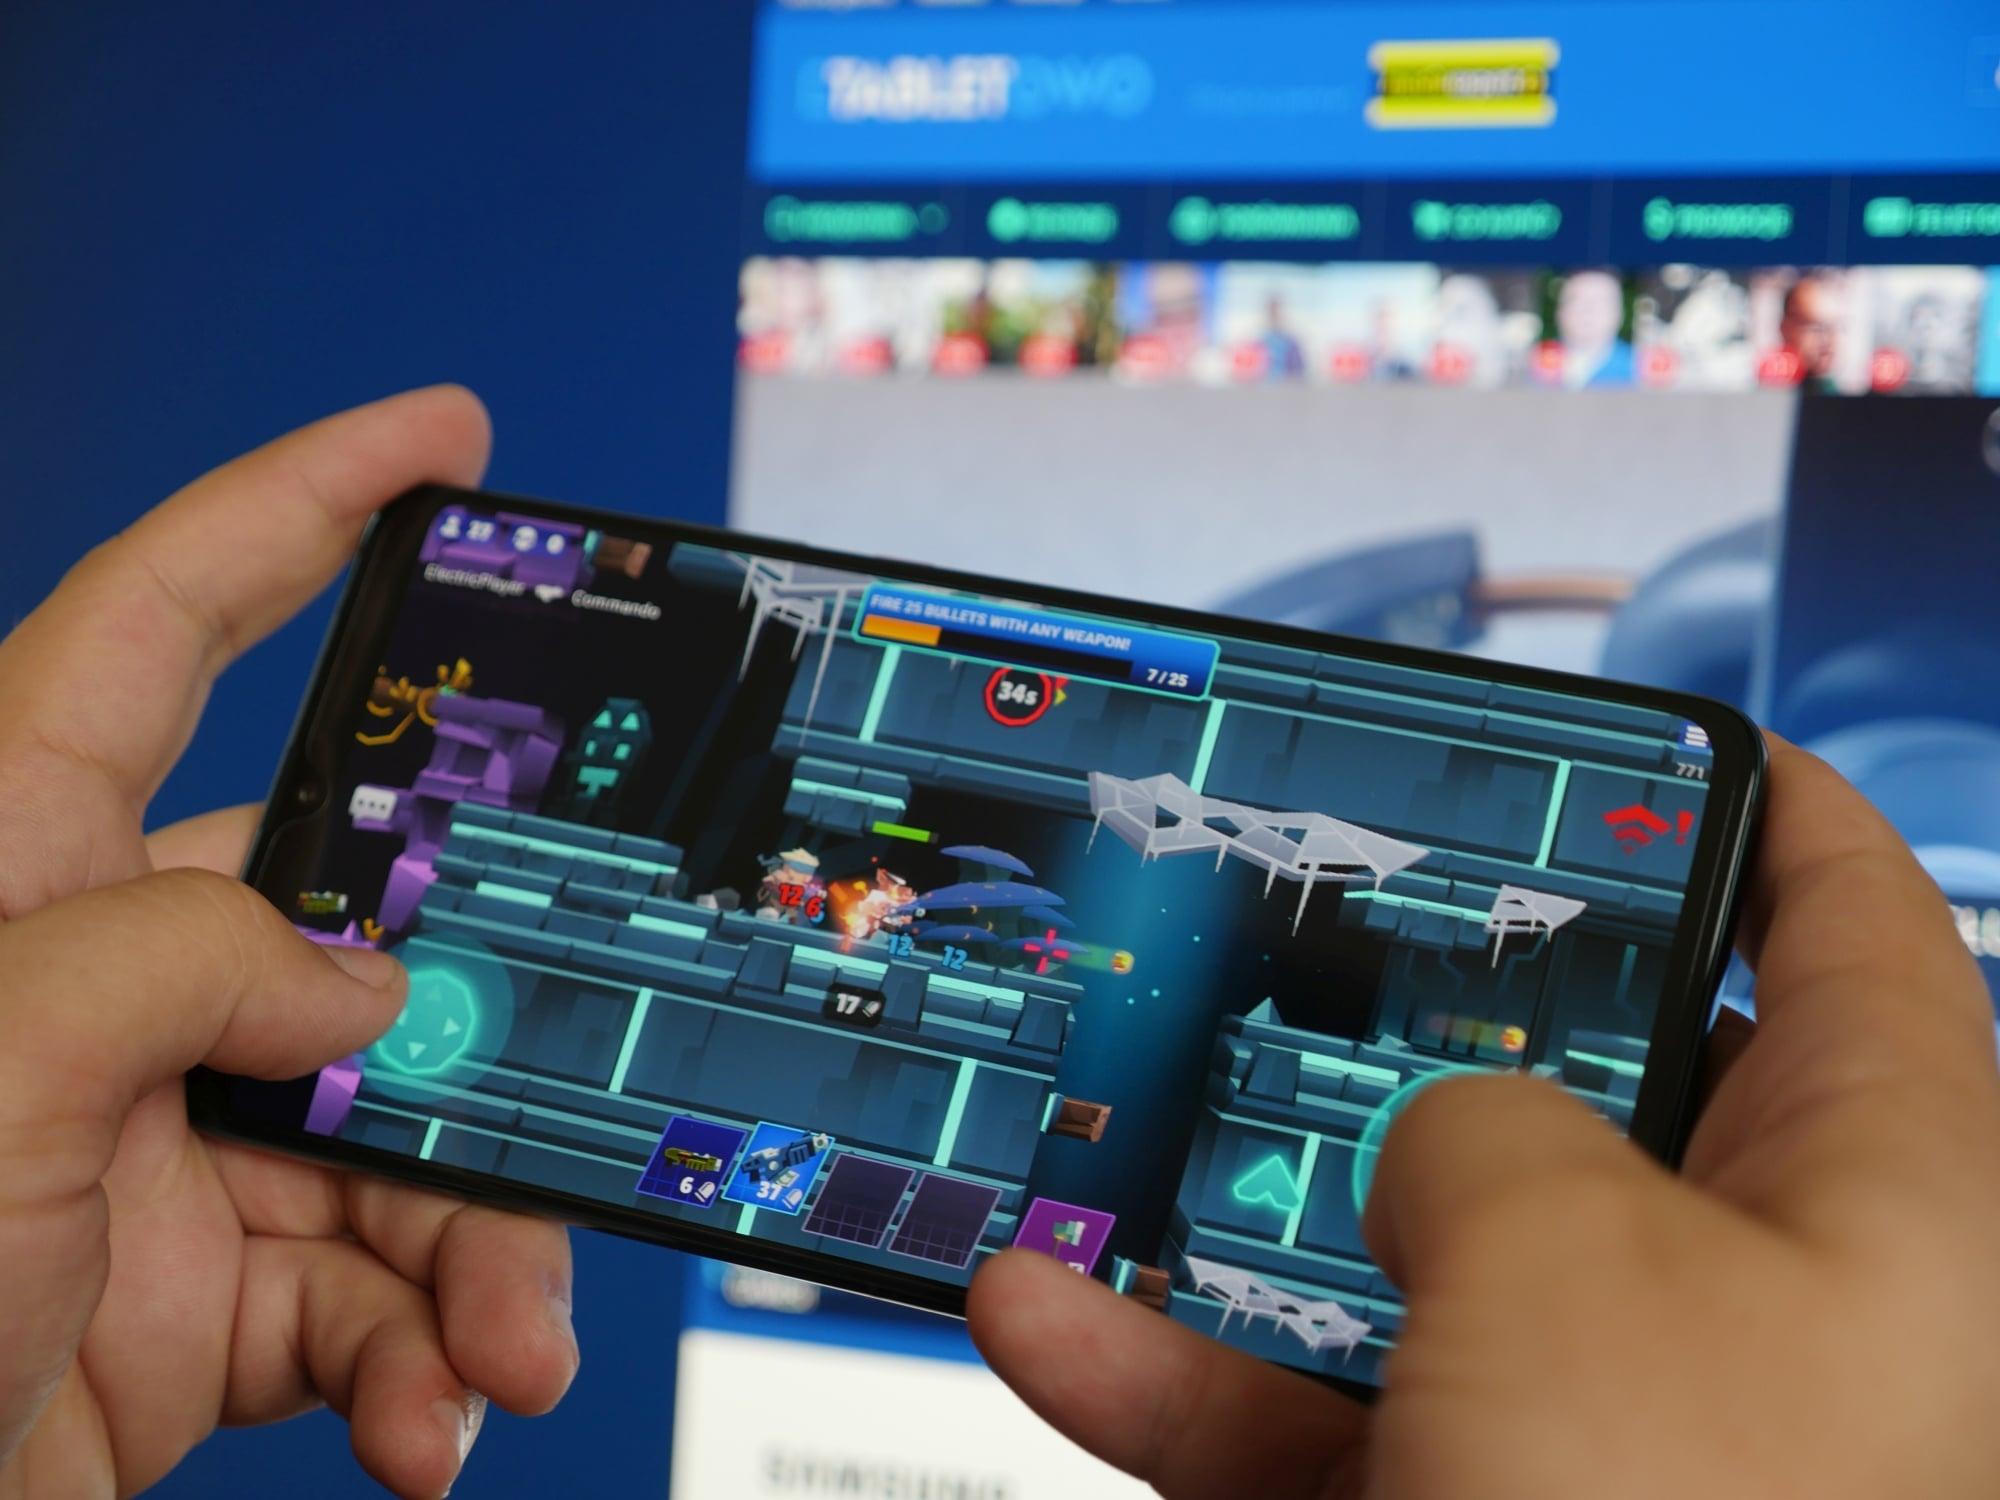 Huawei wprowadza platformę dla graczy GameCenter. Na użytkowników czekają ekskluzywne bonusy i promocje 19